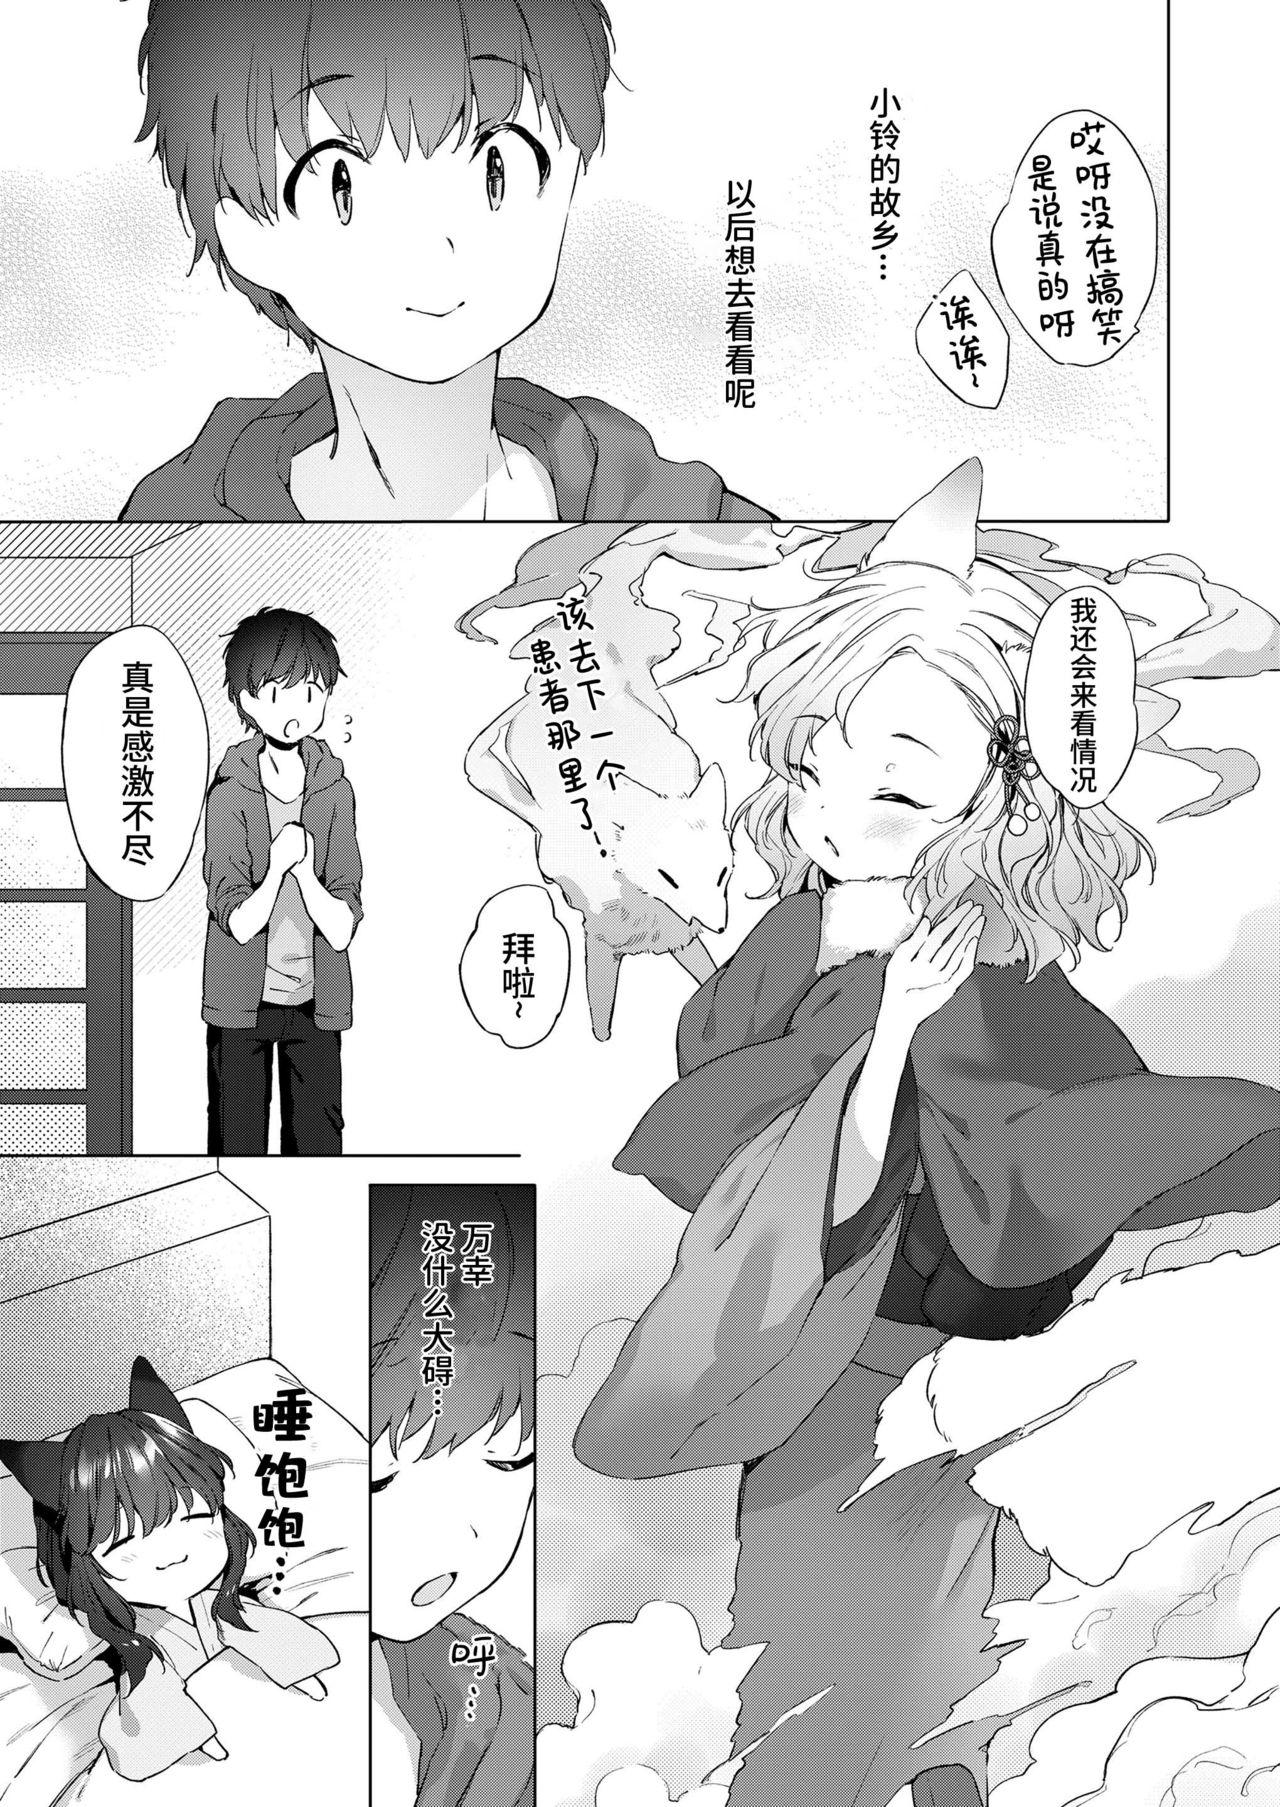 Yowai 200 Chai Okitsune-chan to Oshidori Fuufu Seikatsu. Ch. 2 | 和200岁小狐娘的鸳鸯夫妻生活 第二话 6